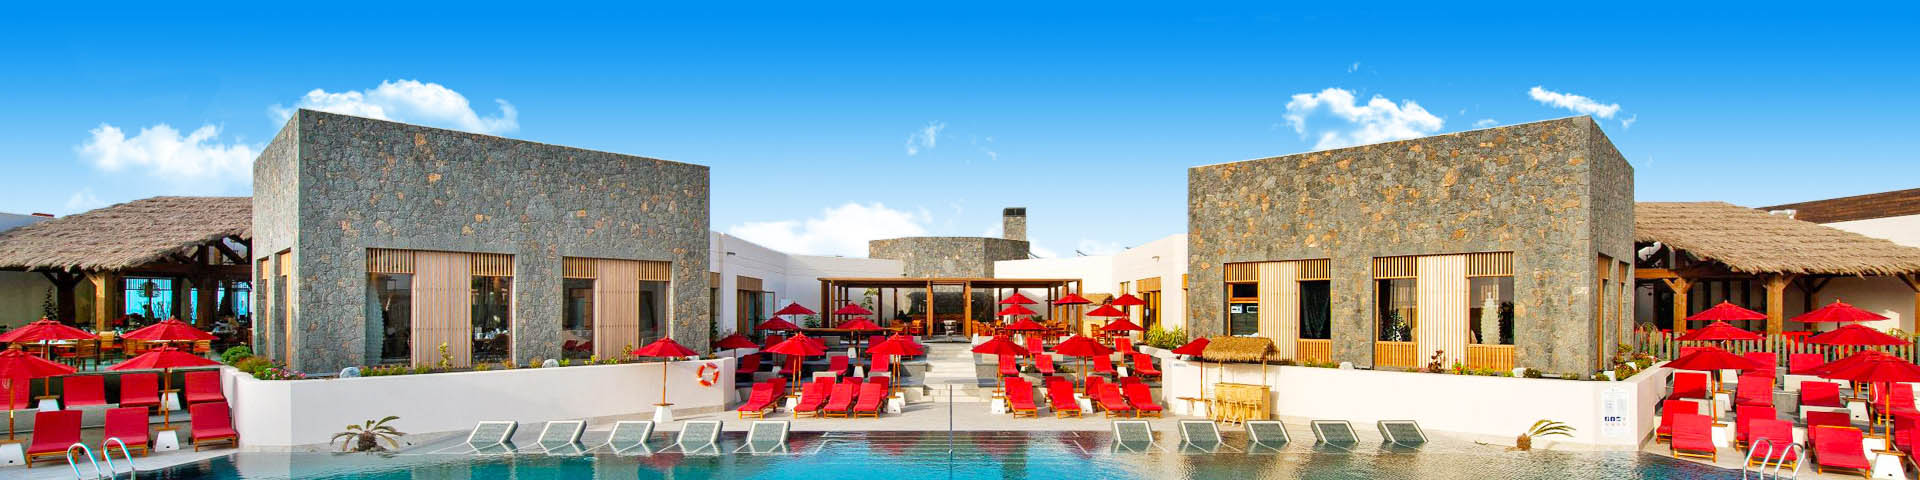 Uitzicht op een zwembad met ligbedden en parasols in een Pierre et Vacances hotel